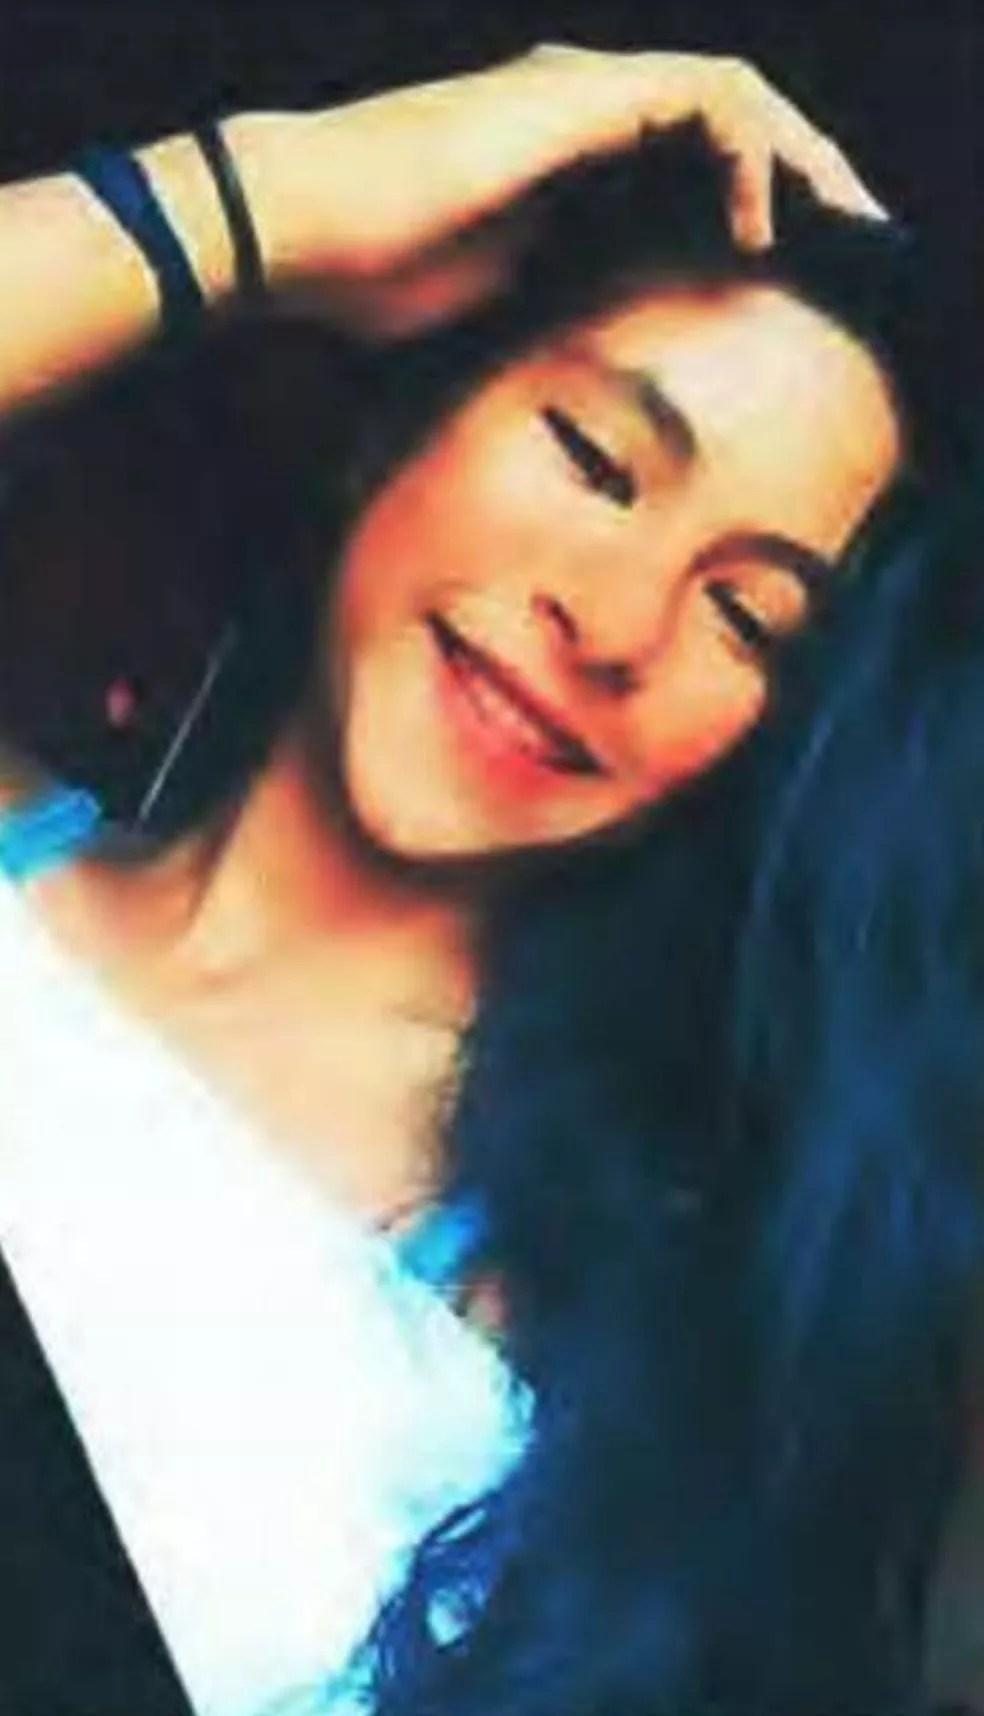 Raquel Melo de Lima, de 13 anos, foi morta em Rio Branco — Foto: Arquivo pessoal